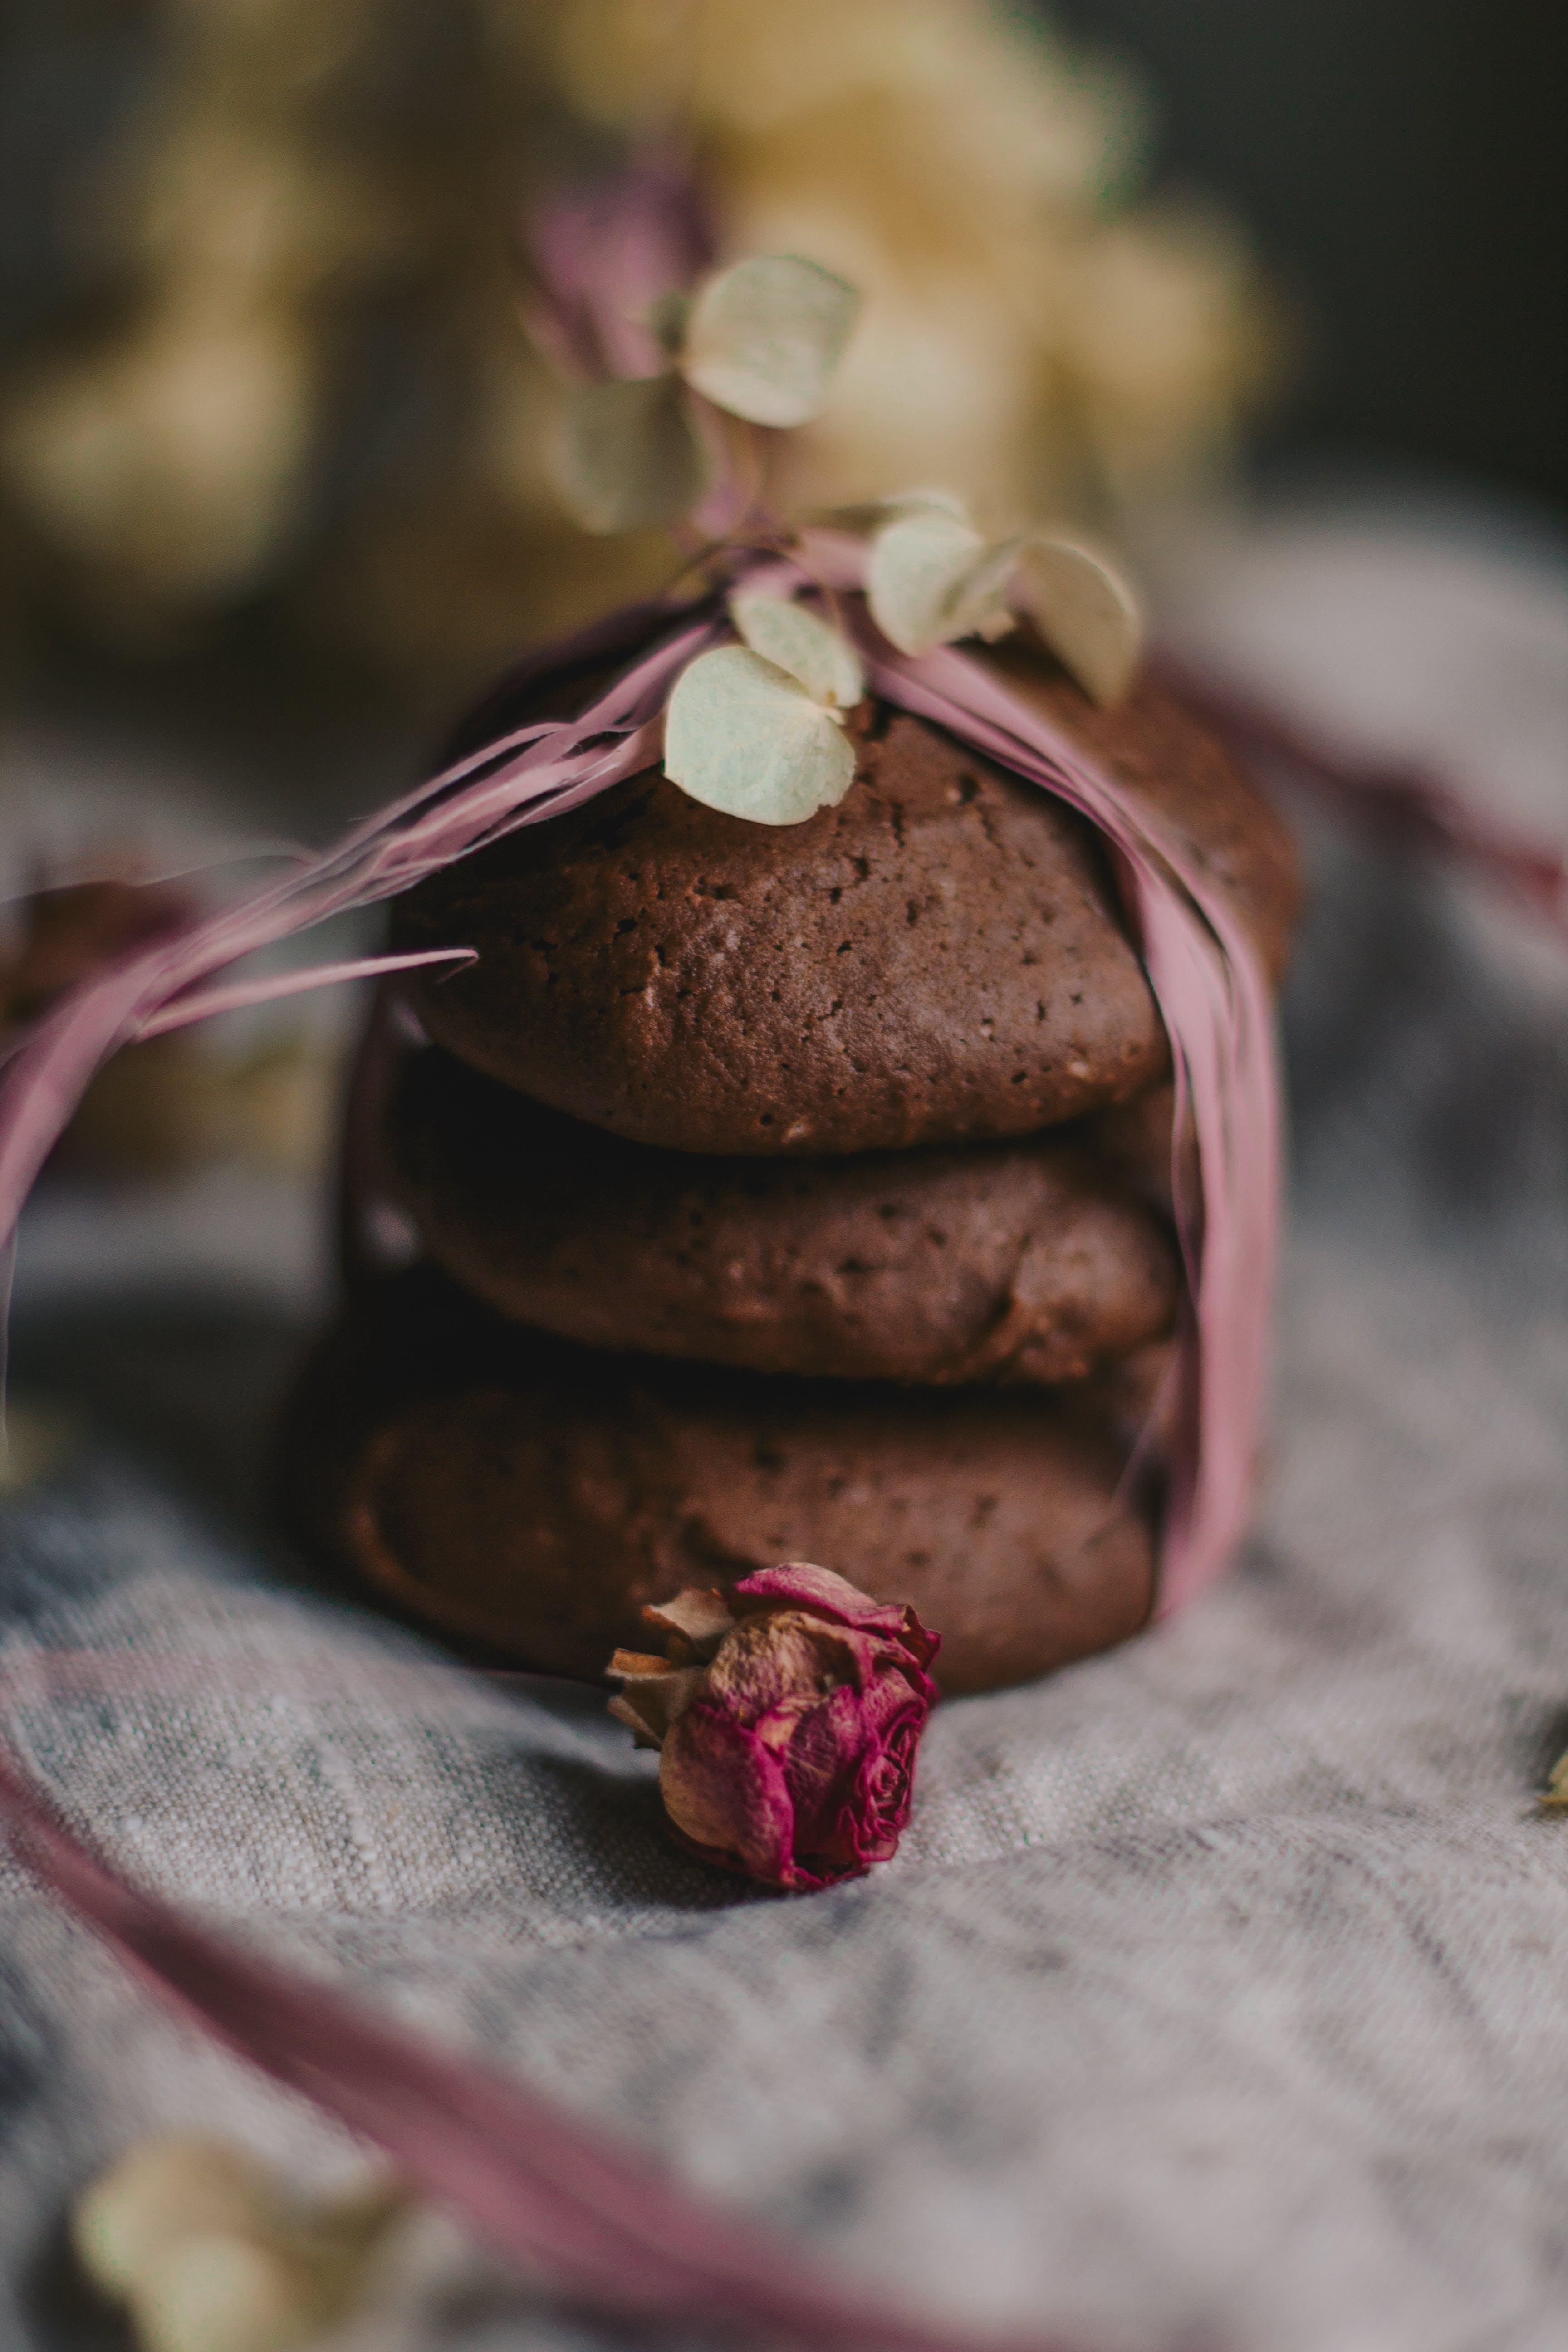 Gratis stockfoto met bakken, chocolade, close-up, concentratie